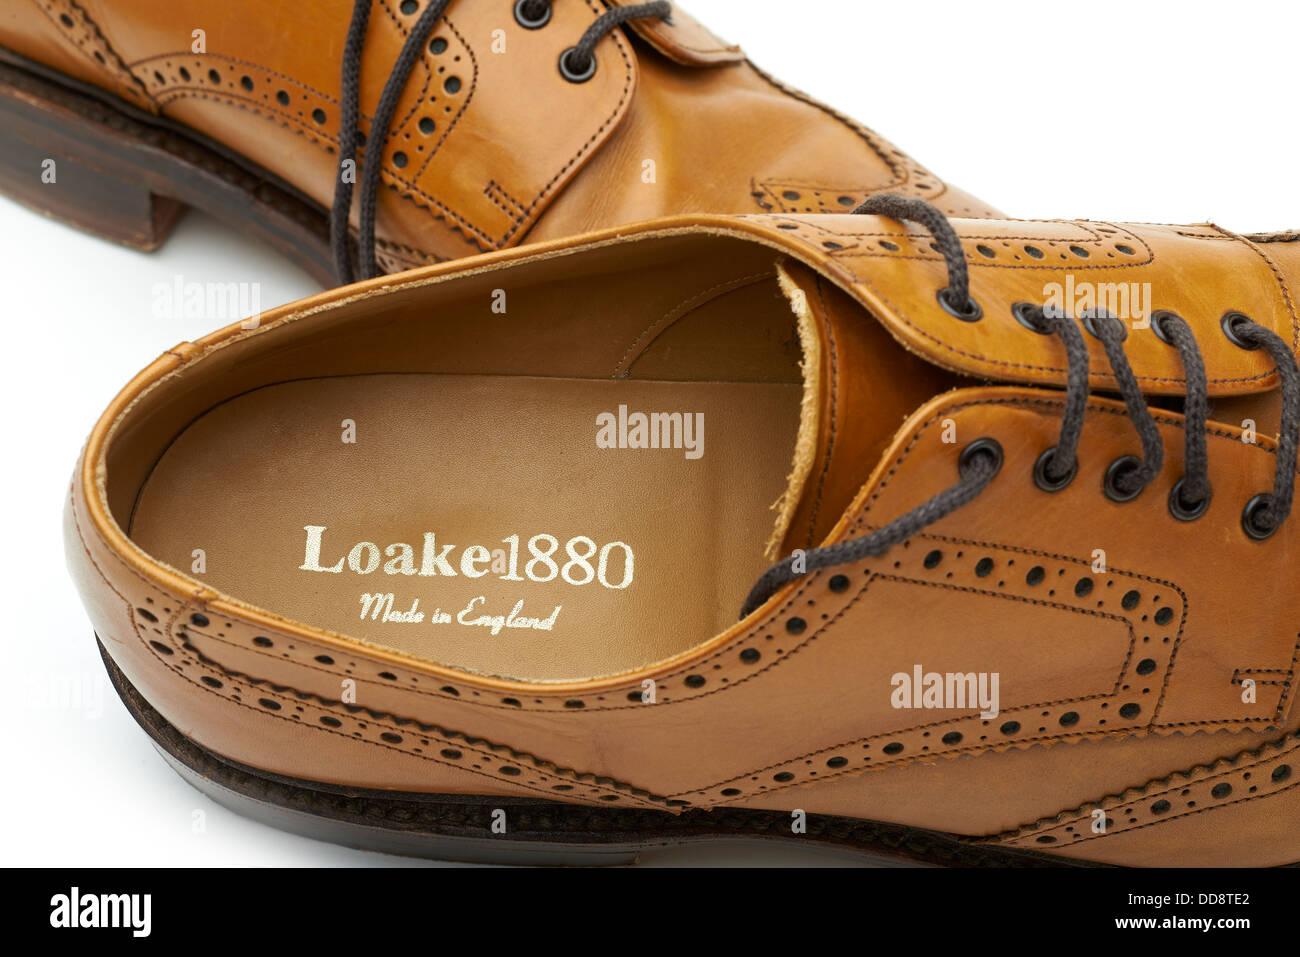 4e01f56e11c7 Loake Schuhe tan Brogues klassisch englischen Schuh beste Qualität Leder  Geschichte 1880 alte Design Studio Stockbild